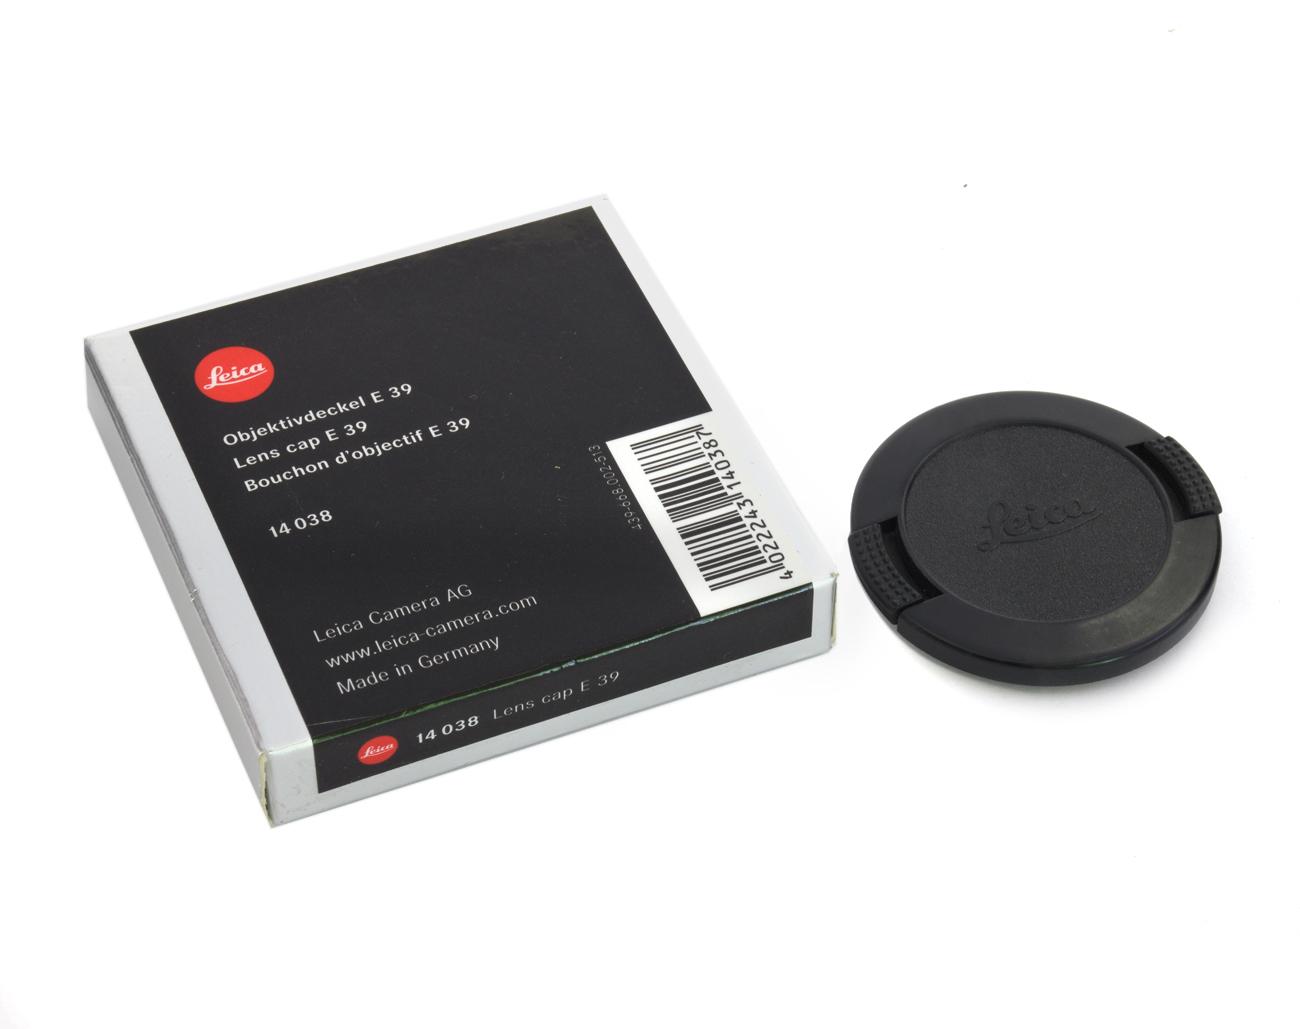 Leica-Front-Cap-E39-Original-14038